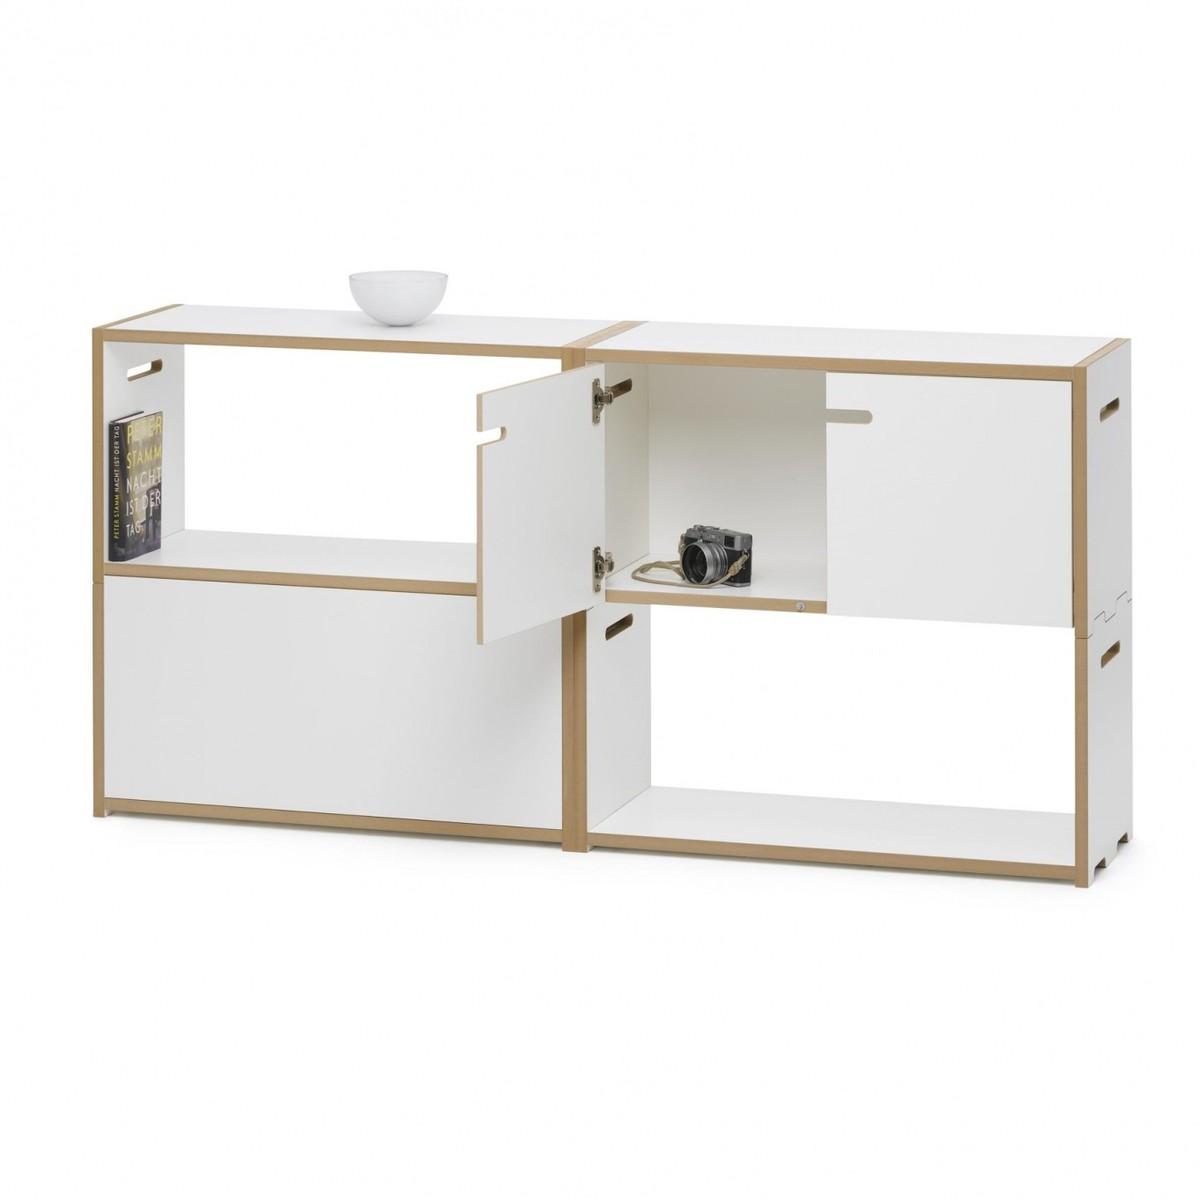 hochstapler regalsystem tojo. Black Bedroom Furniture Sets. Home Design Ideas